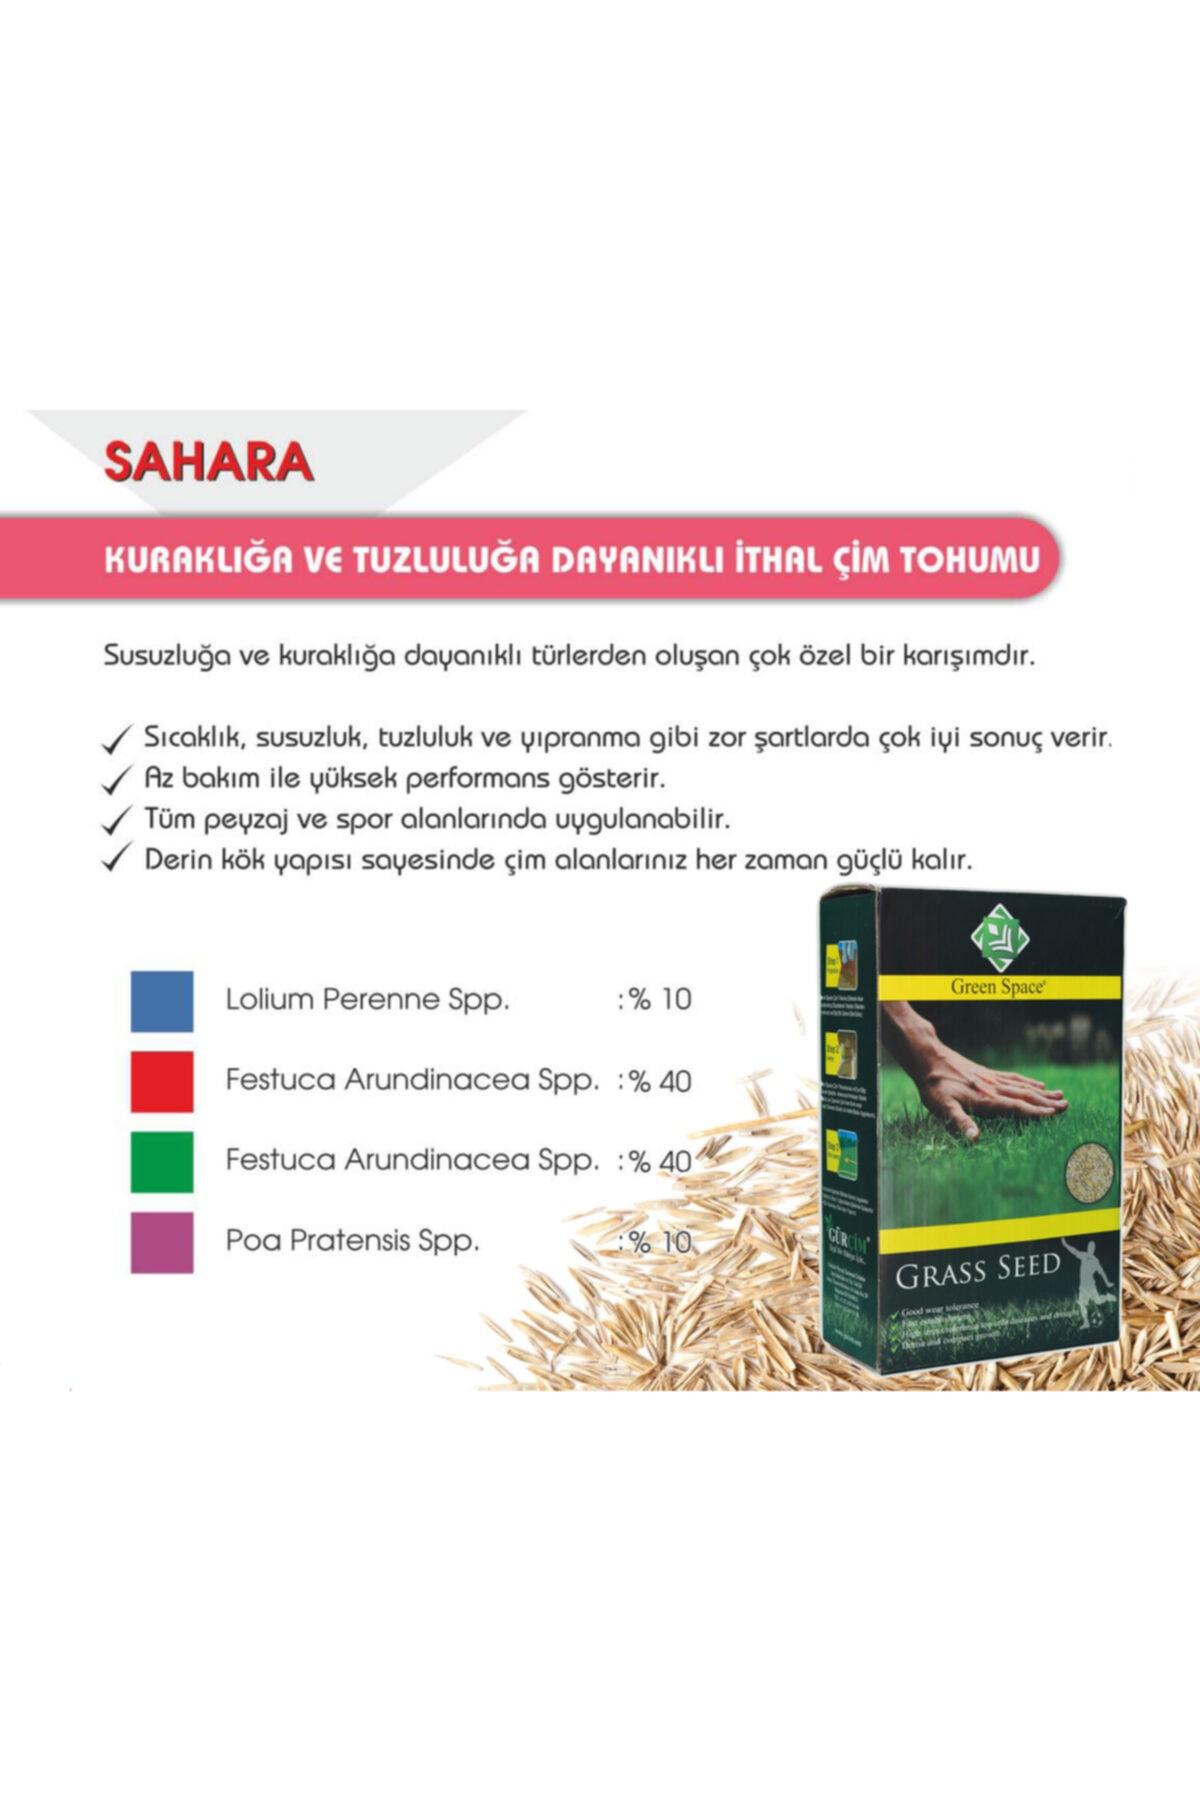 greenspace Ithal Green Space Çim Tohumu Kuraklığa Ve Sıcağa Dayanıklı Mix 1 Kg 2